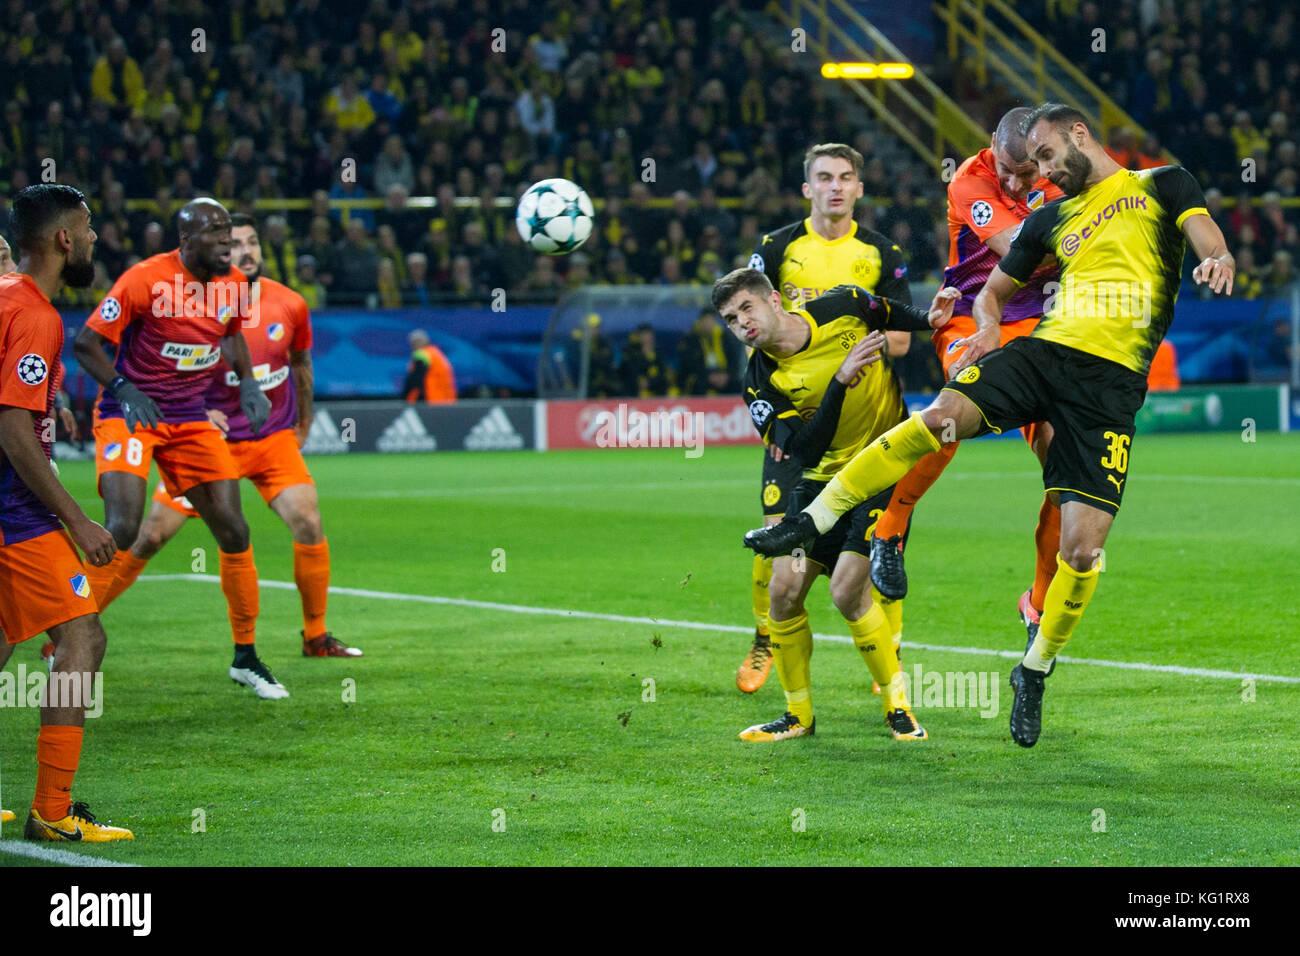 Dortmund, Deutschland. 01st Nov, 2017. Oemer TOPRAK (Omer, DO) heads the ball auf das goal, Aktion, Kampf um den - Stock Image